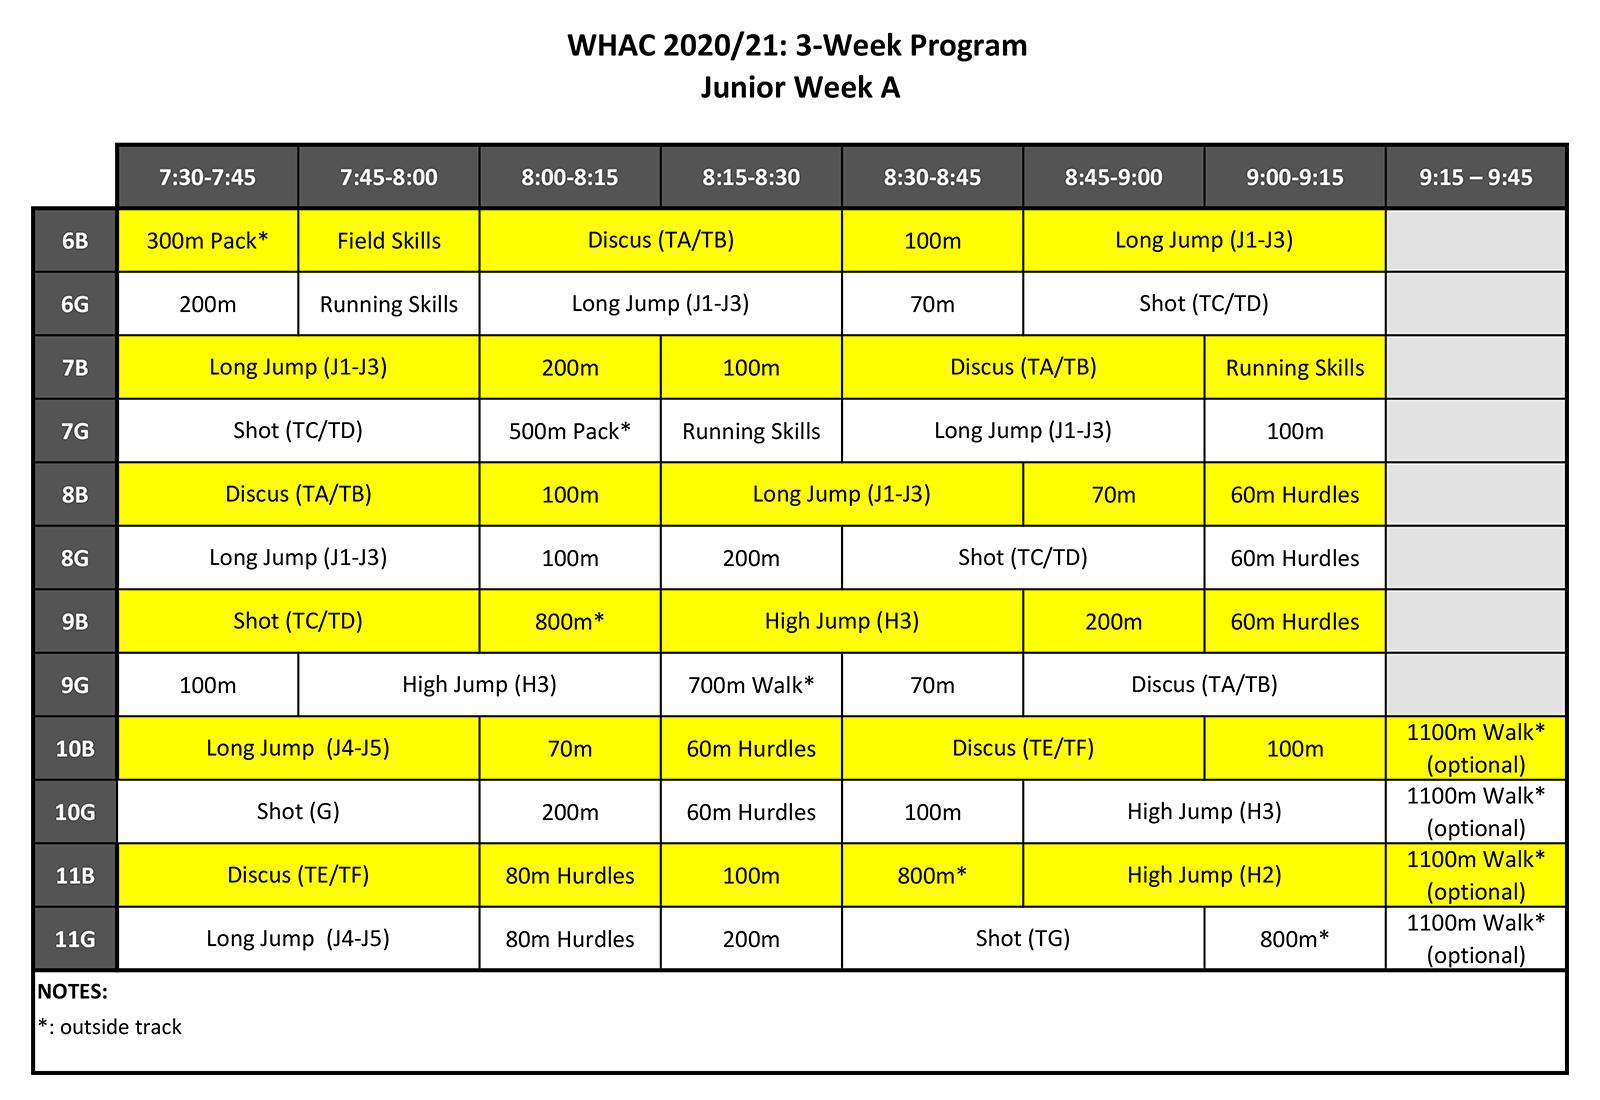 JUNIOR PROGRAM WEEK A 2020/21